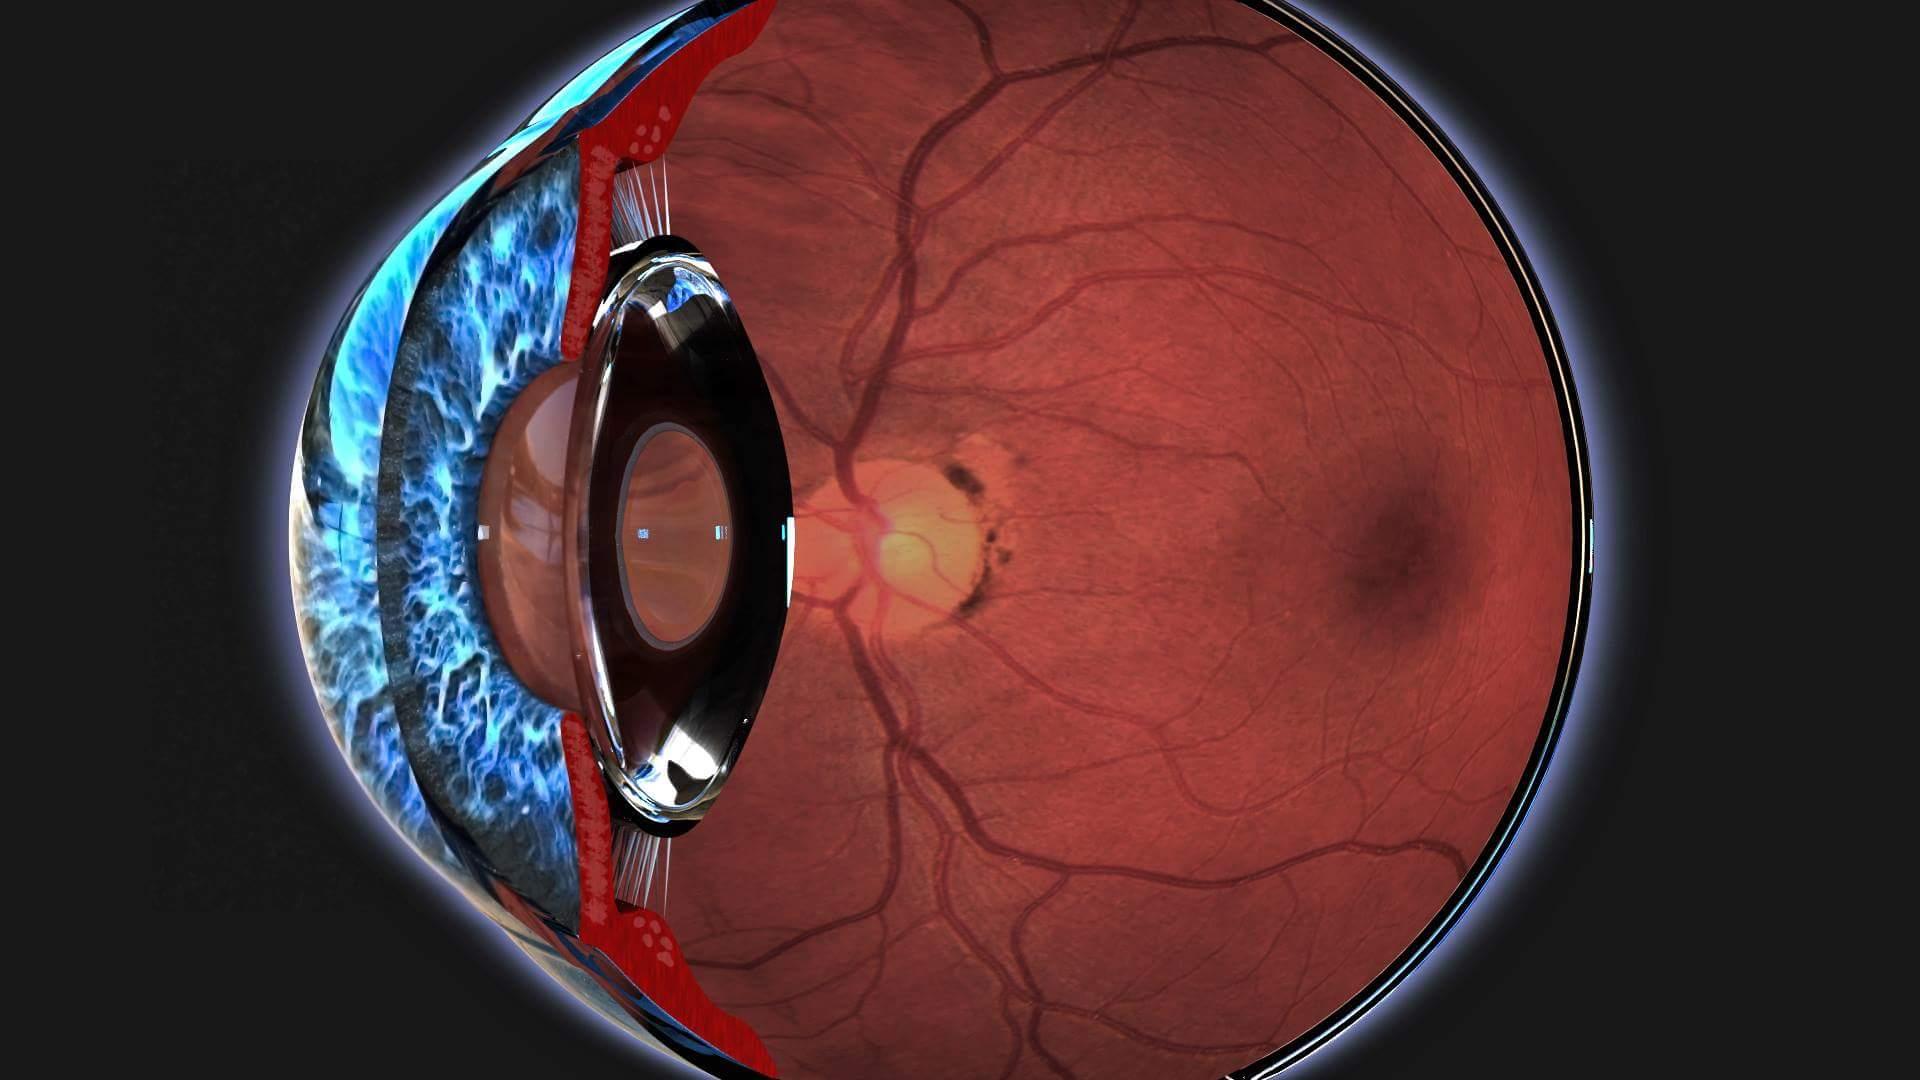 Вся правда о дистрофии сетчатки глаза: излечима ли болезнь?